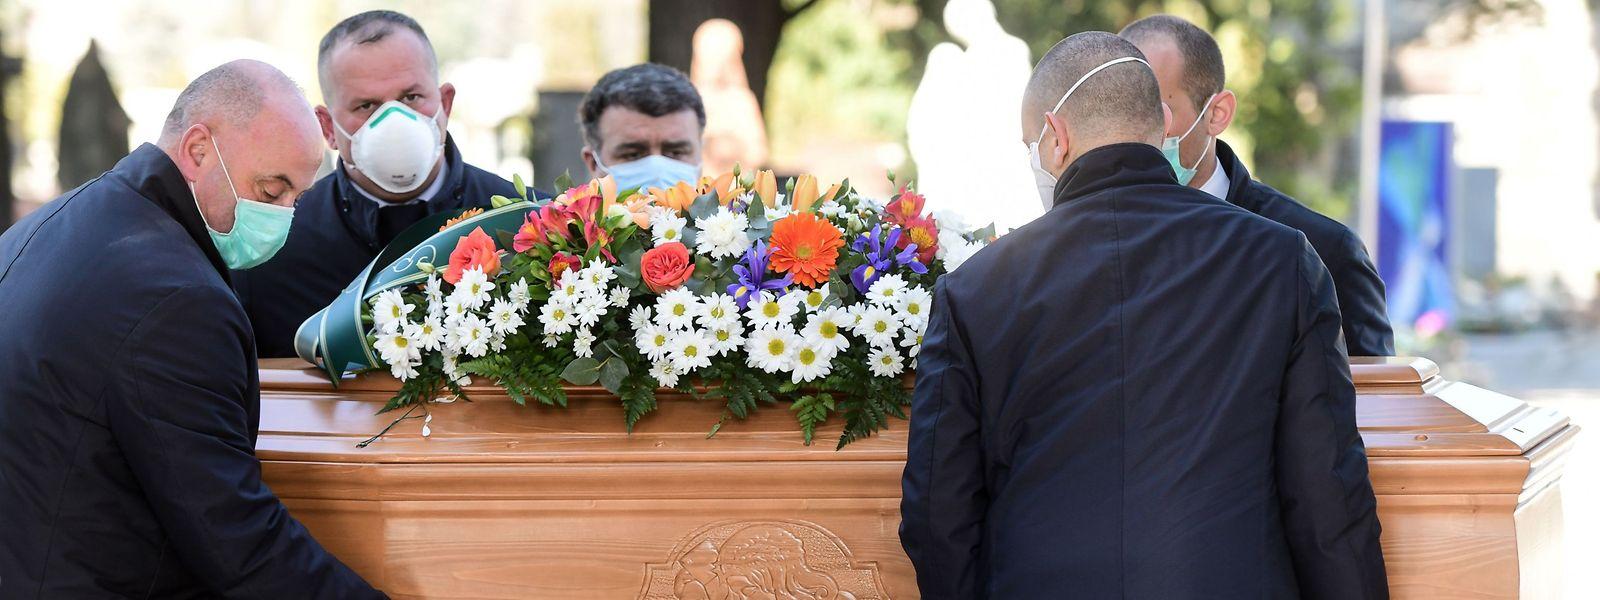 Comme médecins, pharmaciens ou personnels soignants, les employés funéraires sont prioritaires dans les distributions de protection.